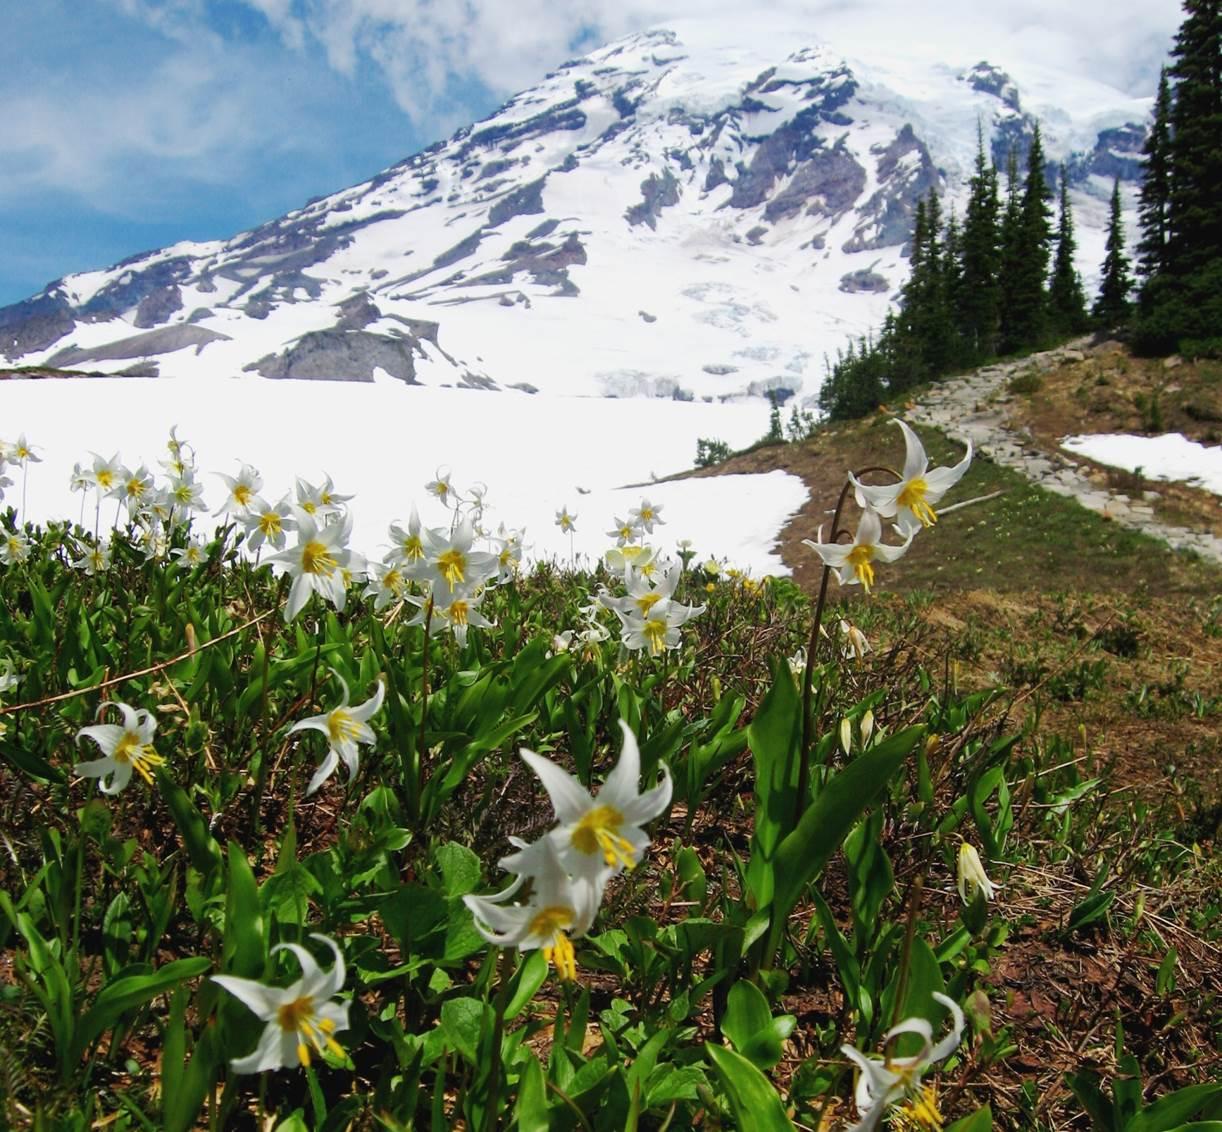 初夏の花咲くマウントレーニア山麓